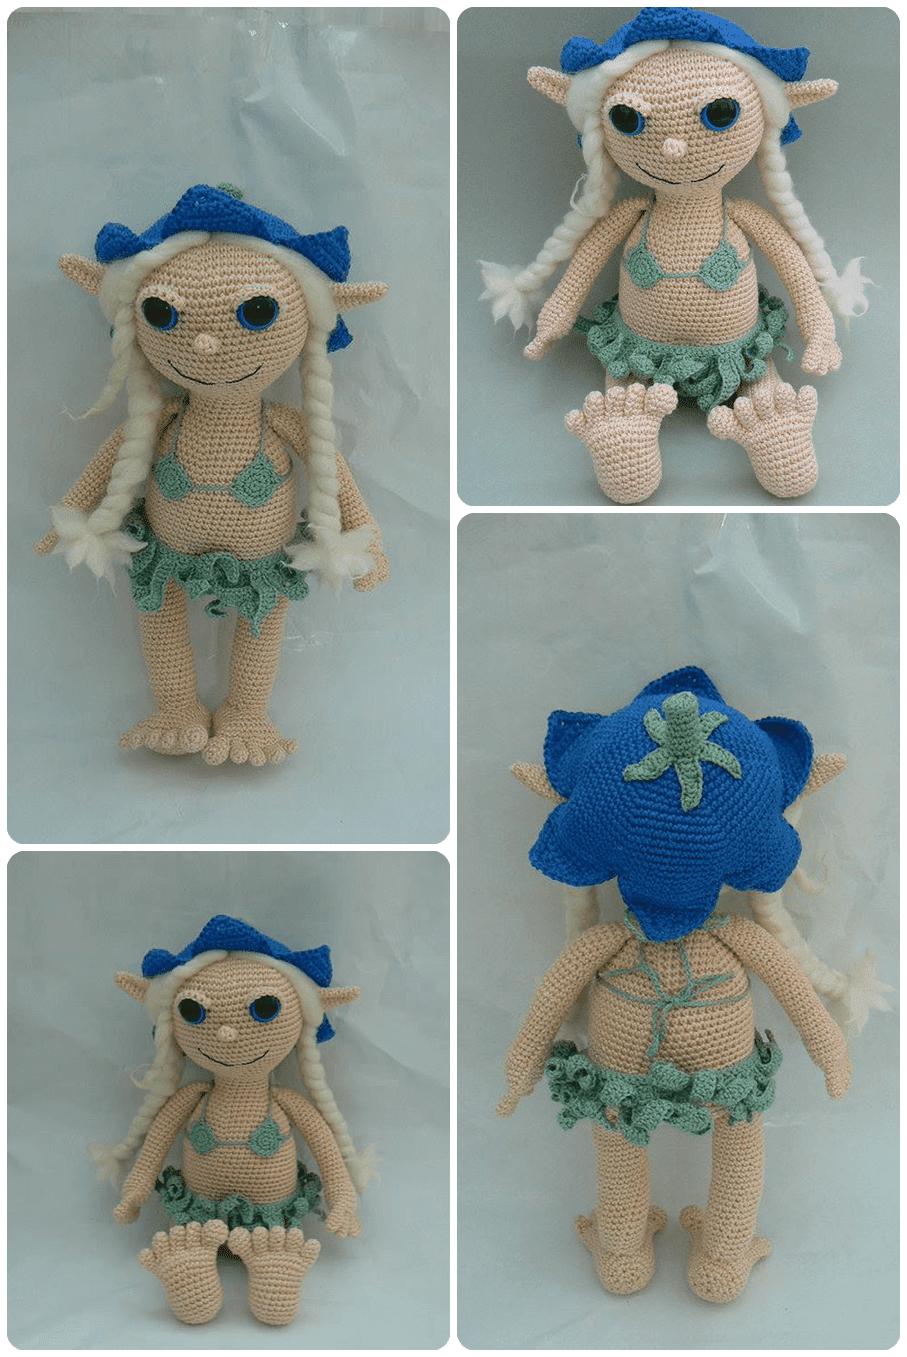 Amigurumi Hawai Doll : Amigurumi Hawaili Lana Doll - Knitting, Crochet, Diy ...